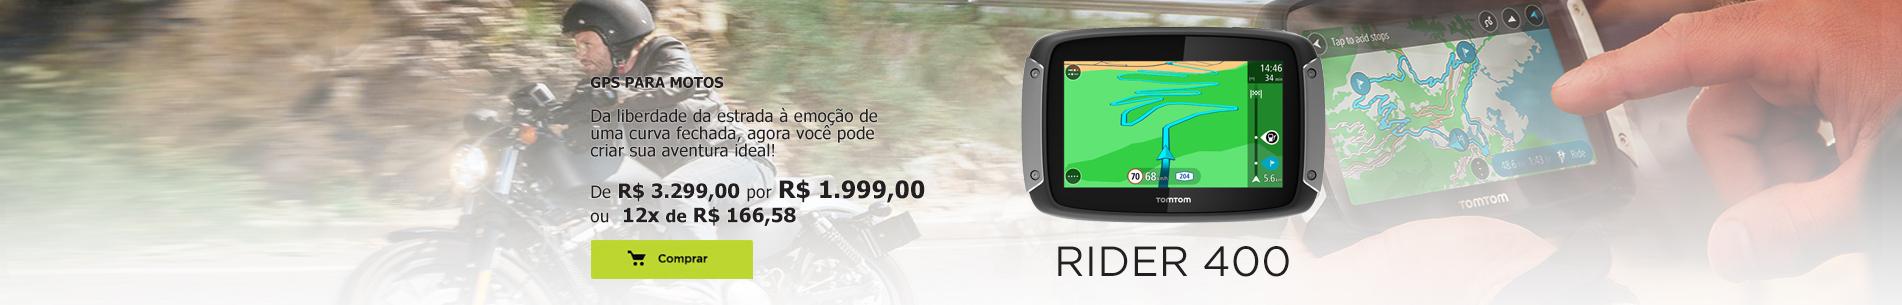 Rider 400